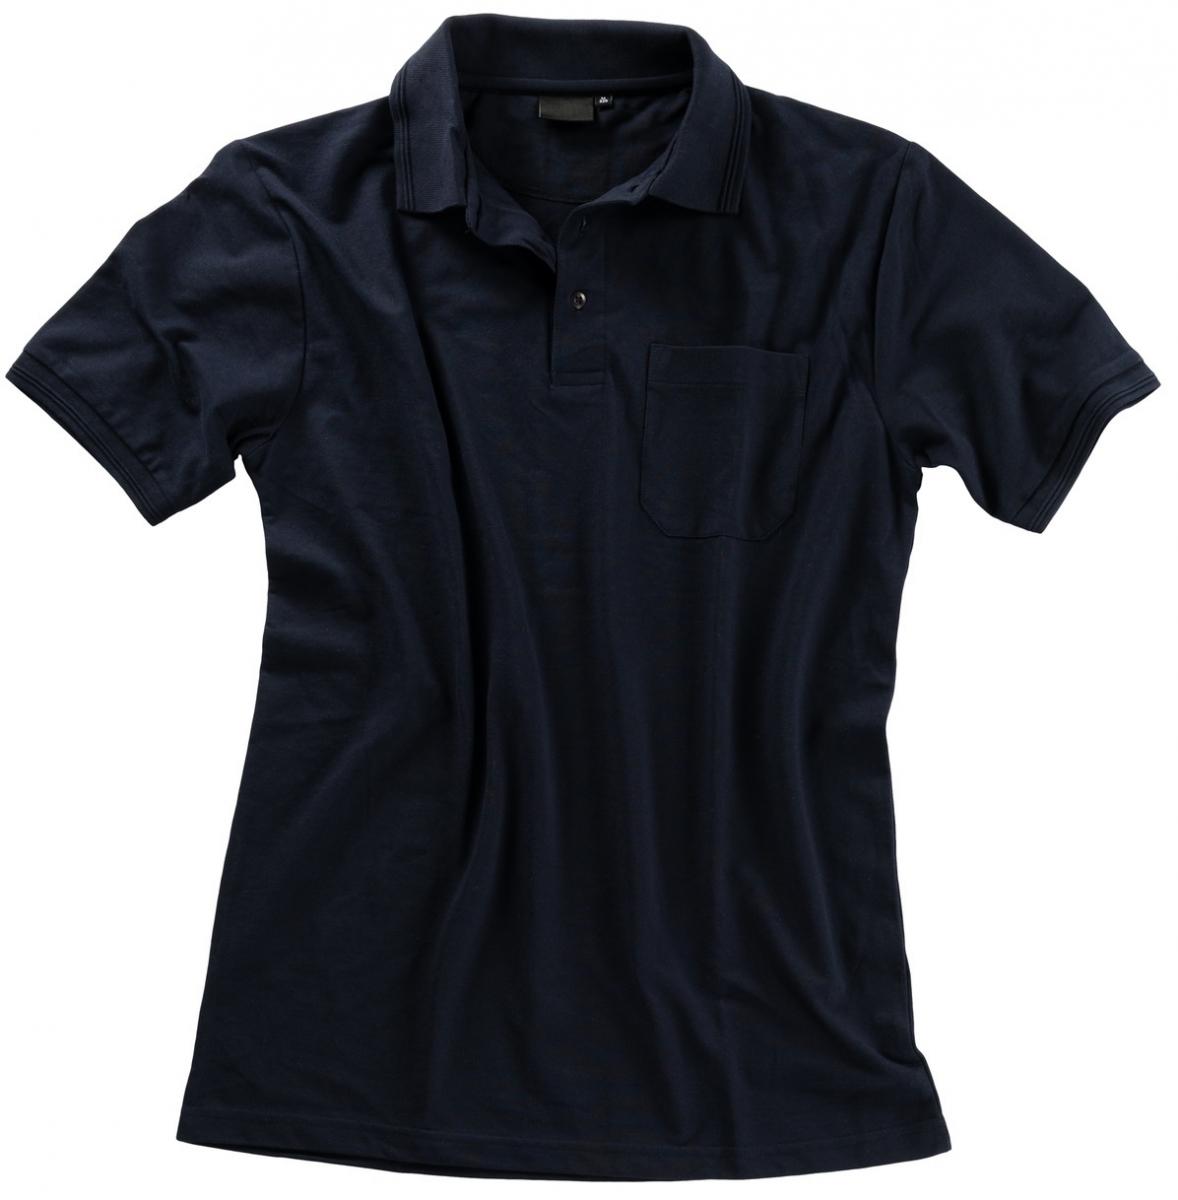 BEB Polo-Shirt Premium, MG 210/220, deep navy